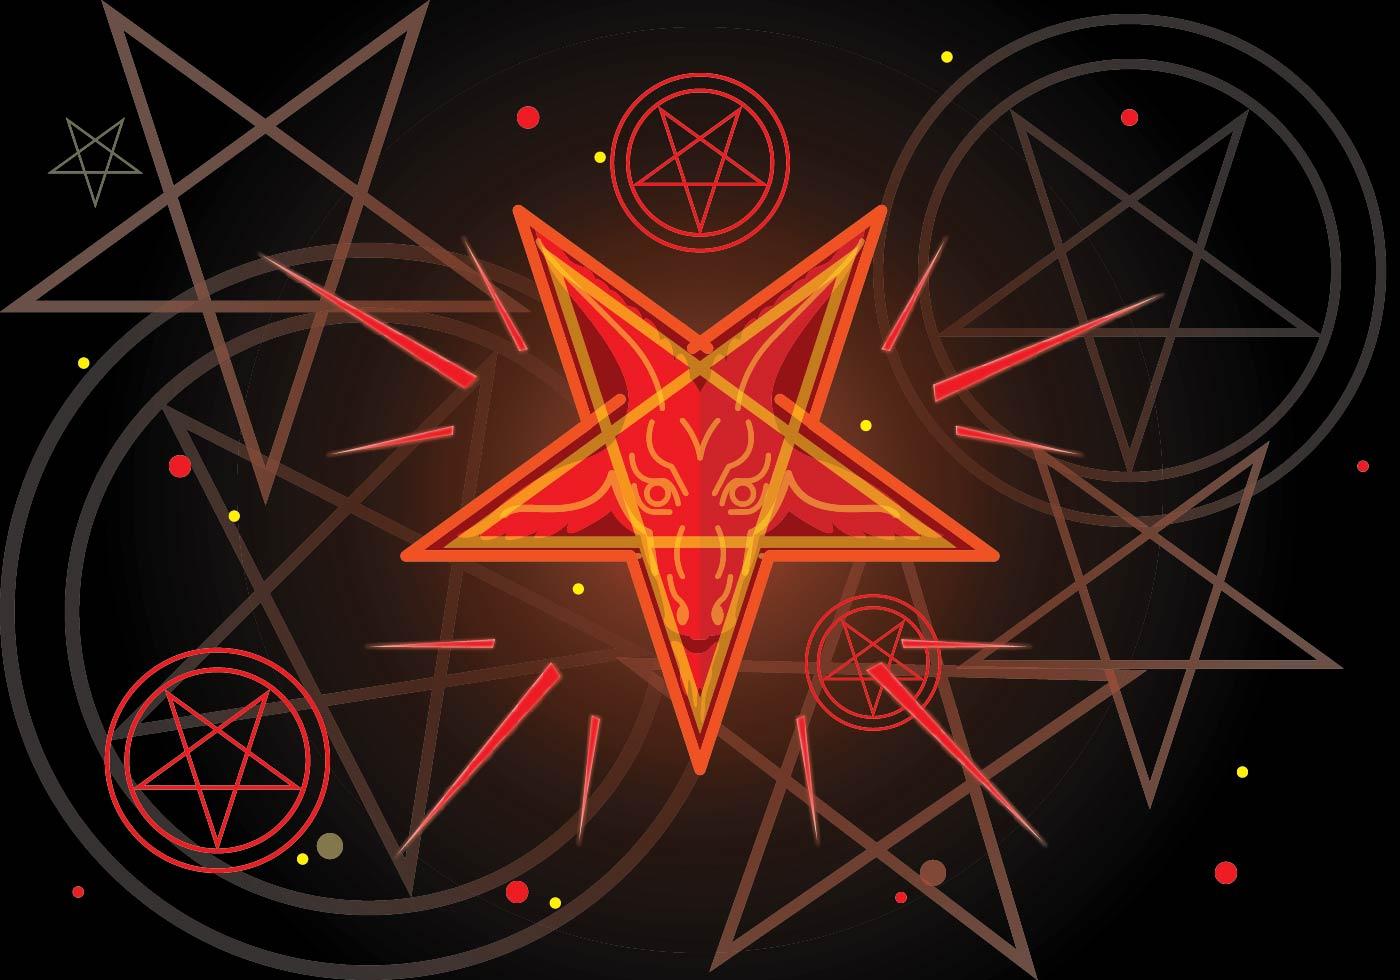 Картинка перевернутая звезда